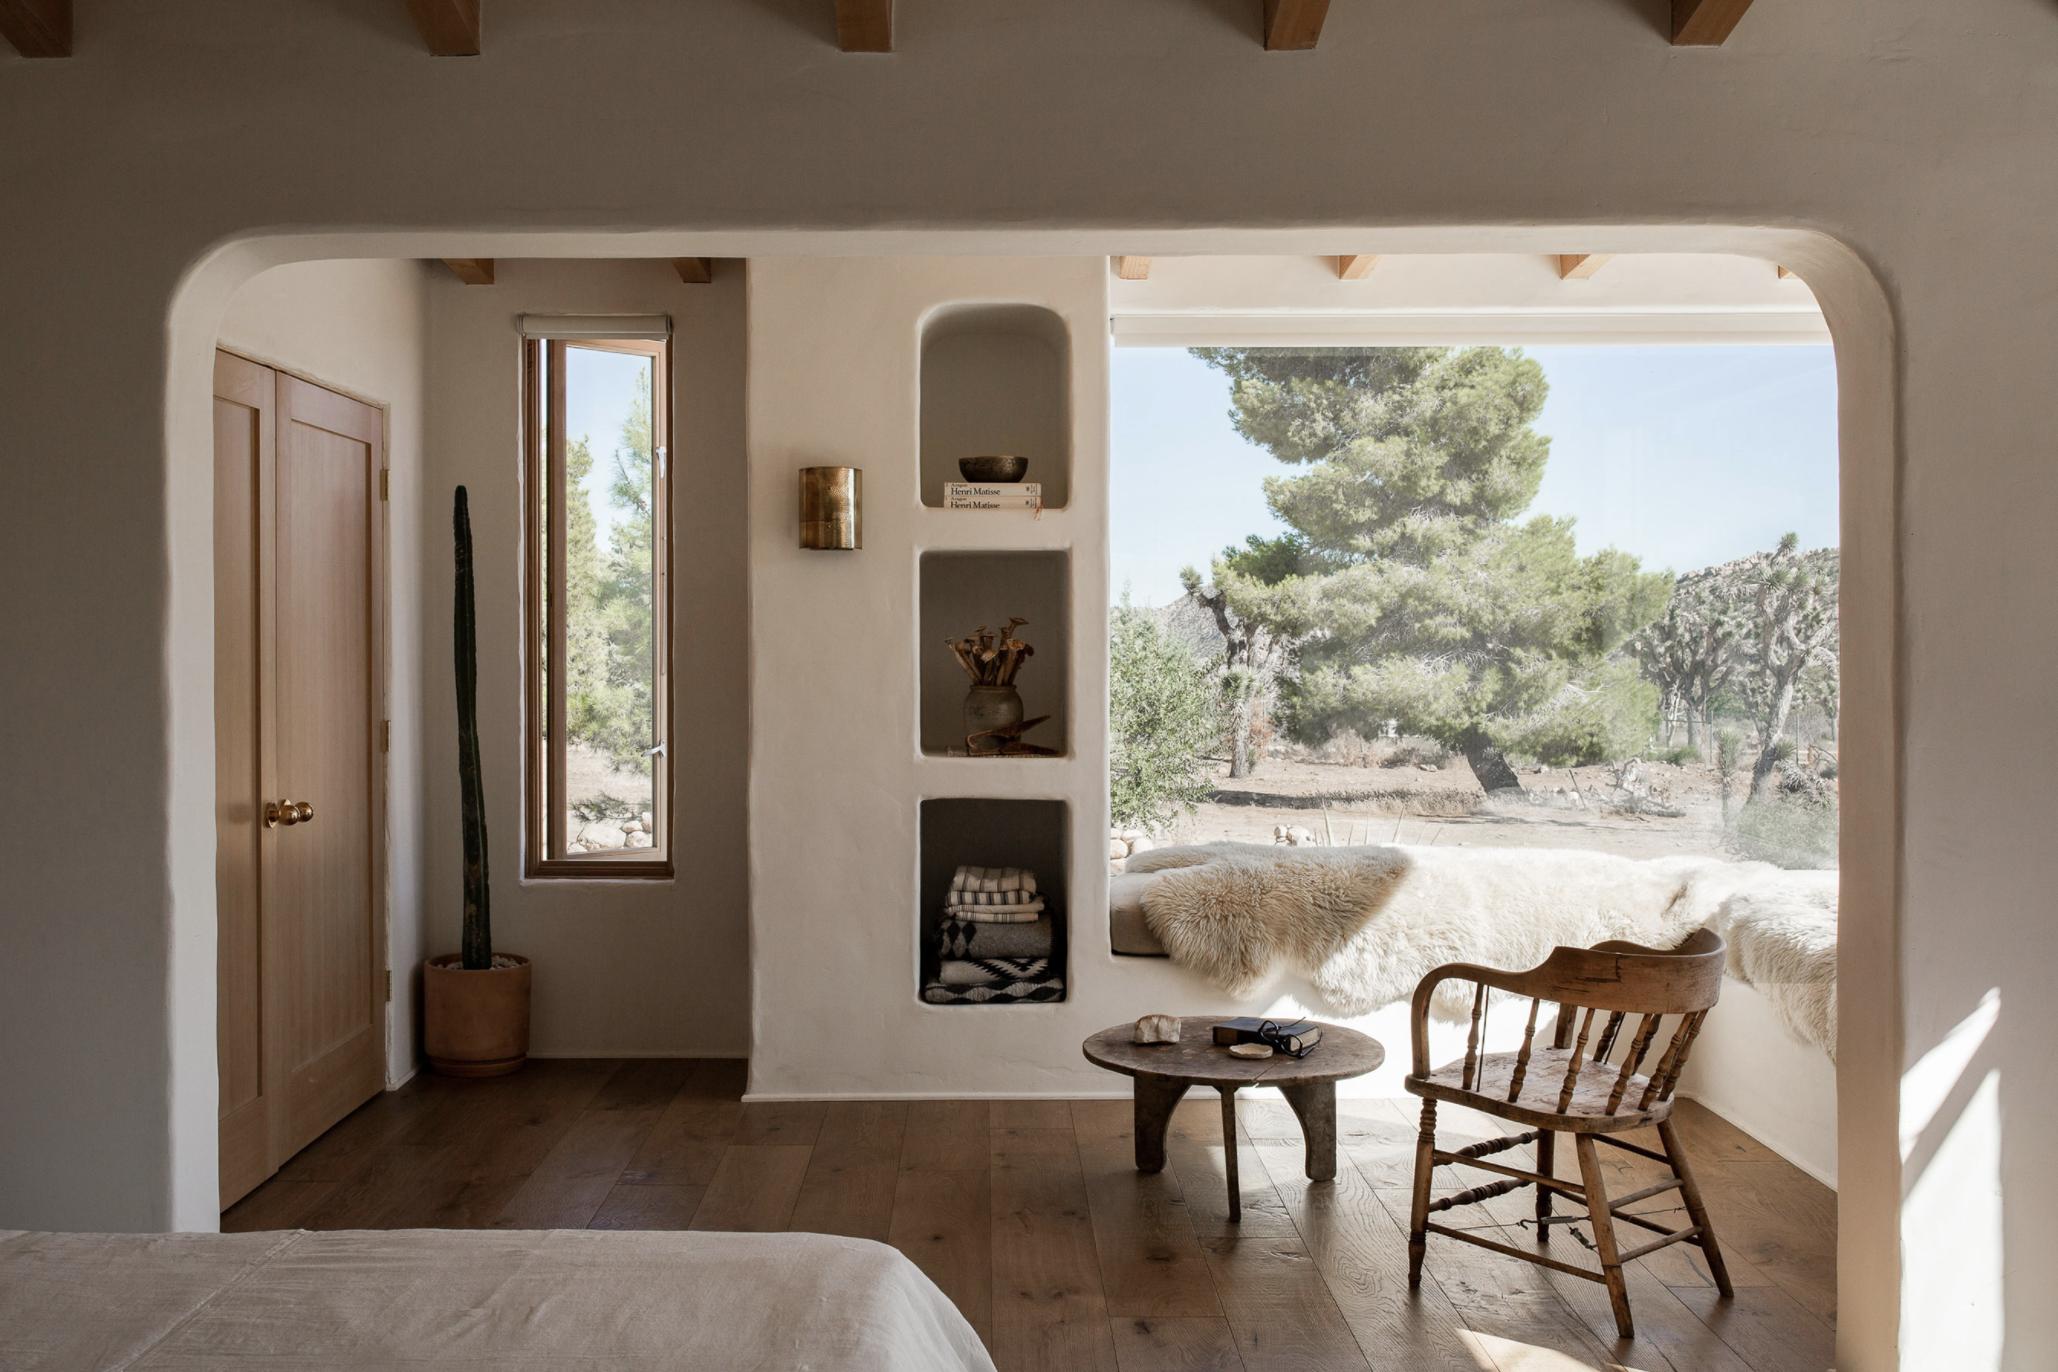 современный глинобитный дом в пустыне с видом на гостиную